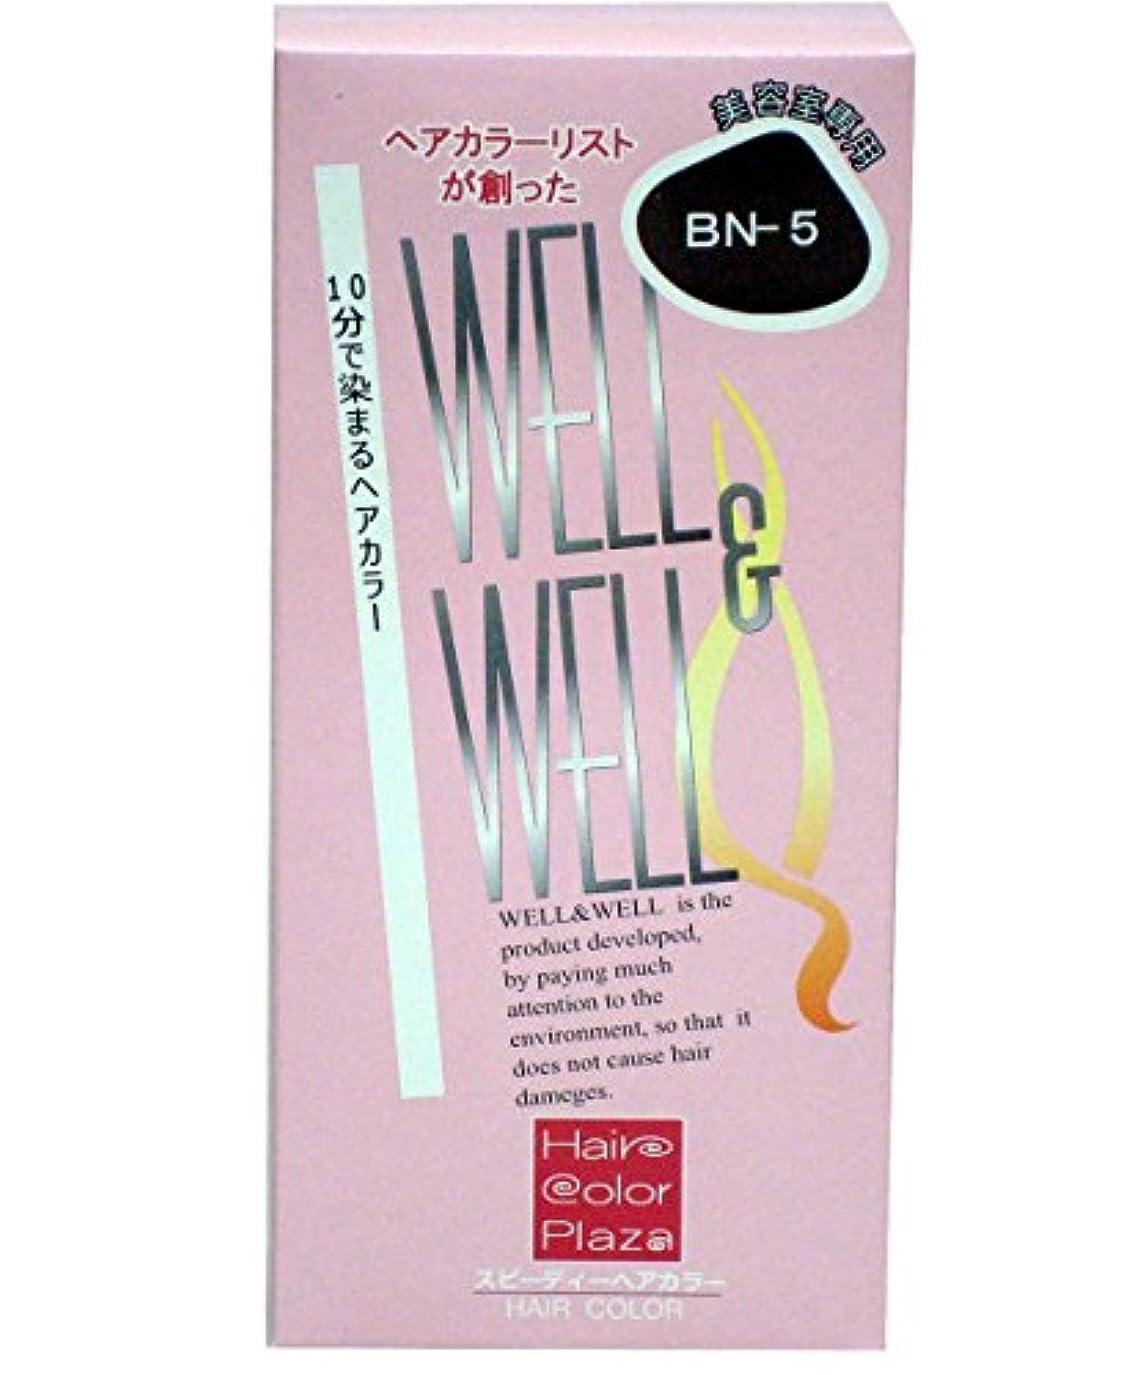 テレビを見る油ノーブル【美容室専用】 ウェル&ウェル スピーディヘアカラー ナチュラルブラウン BN-5